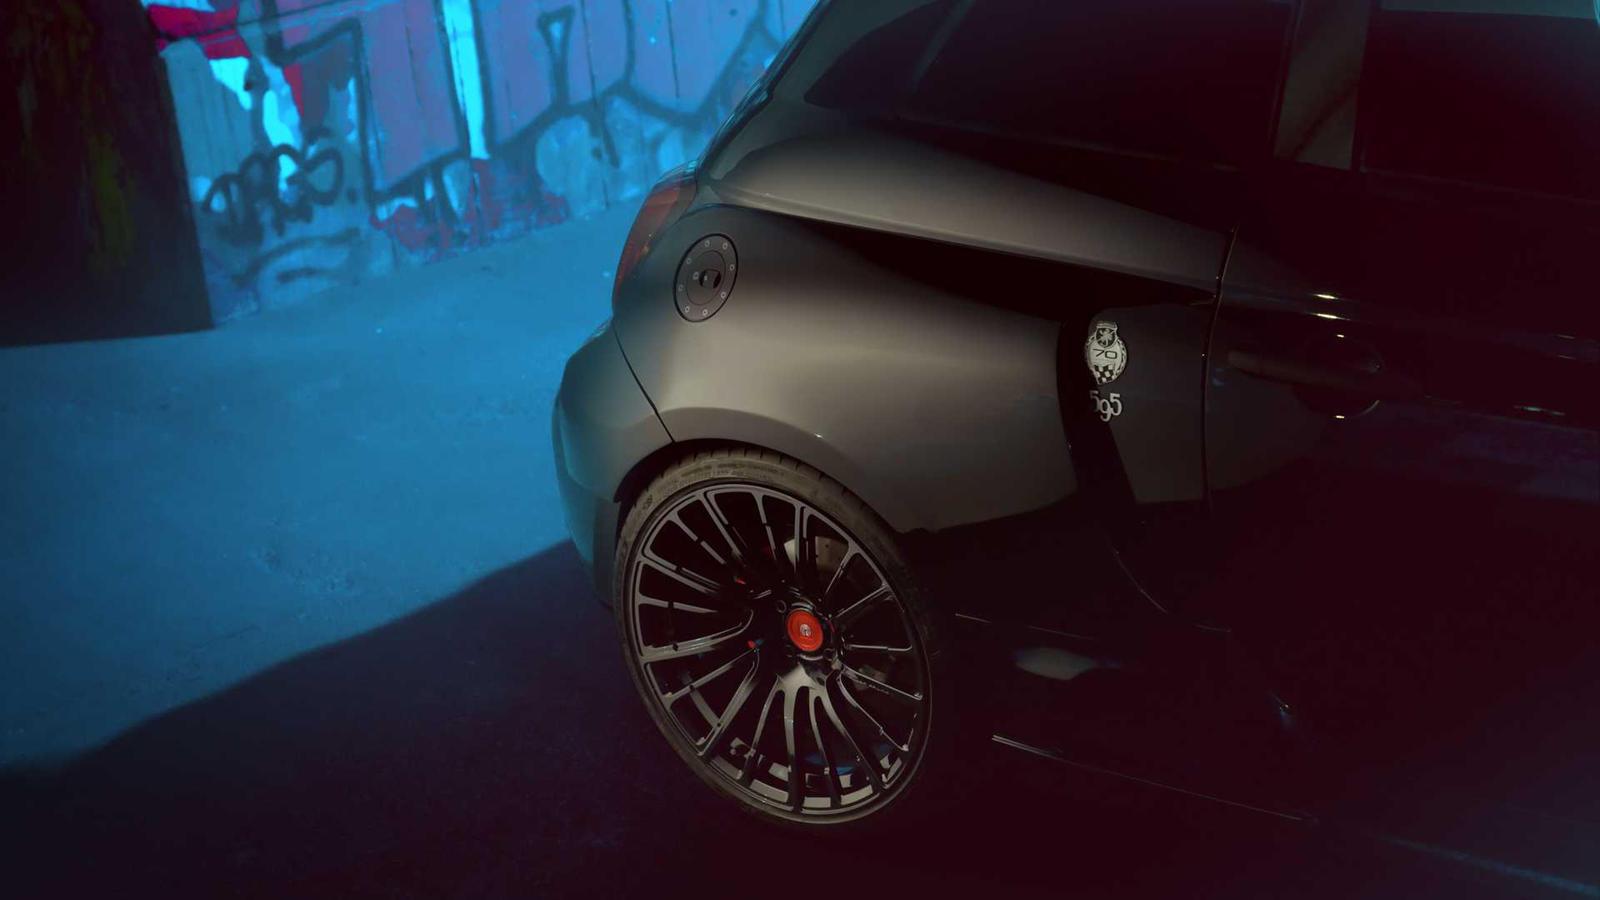 1,4-литровый четырехцилиндровый двигатель с турбонаддувом, созданный на базе Fiat 500 Abarth 595 Competizione, был форсирован до 217 лошадиных сил и 349 Нм по сравнению с 177 л.с. и 249 Нм в стандартном автомобиле.